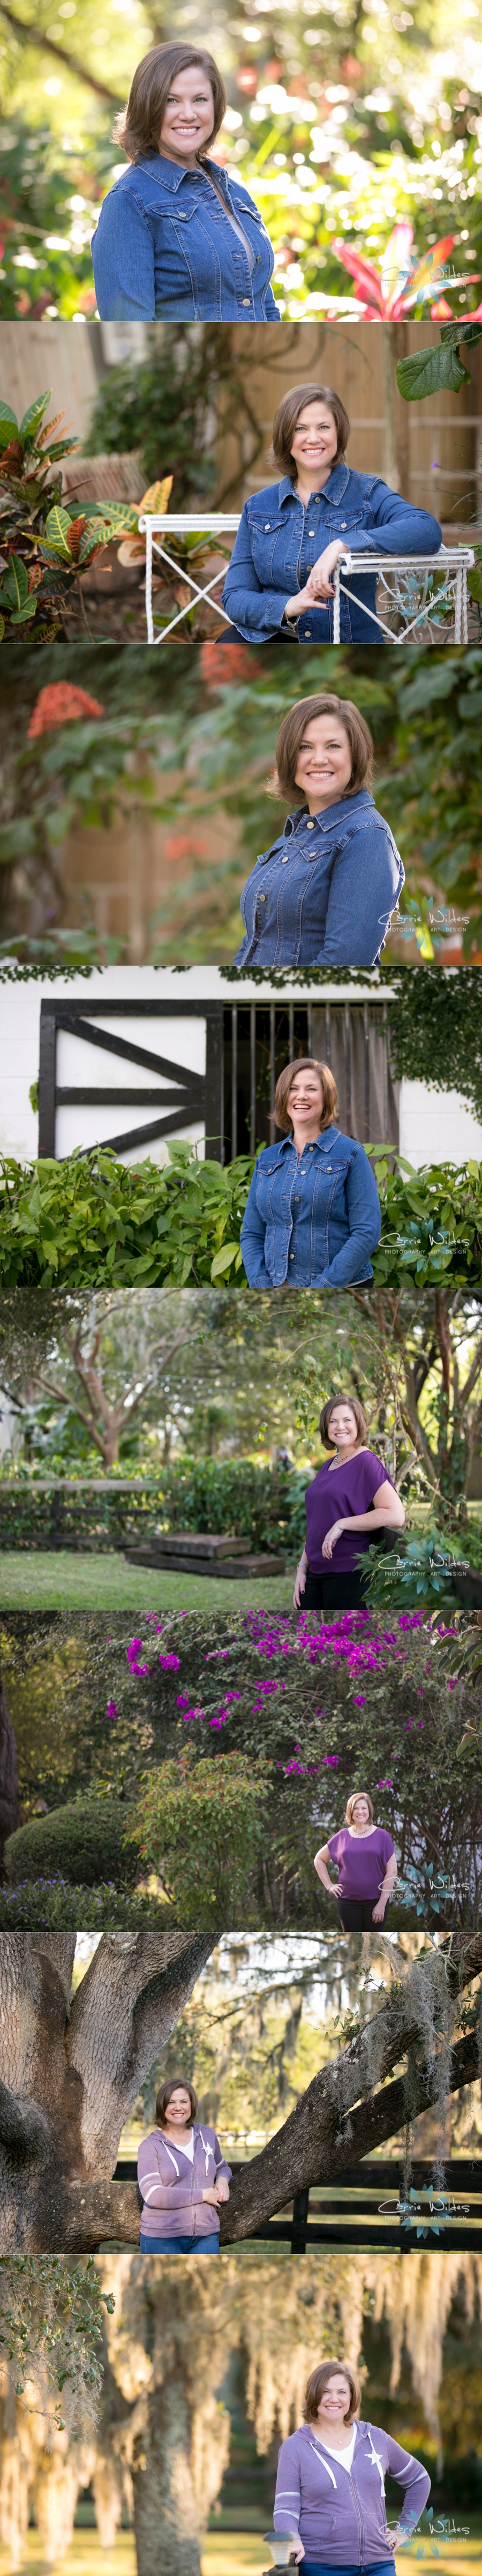 11_1_17 Jill Tampa Portraits_0001.jpg